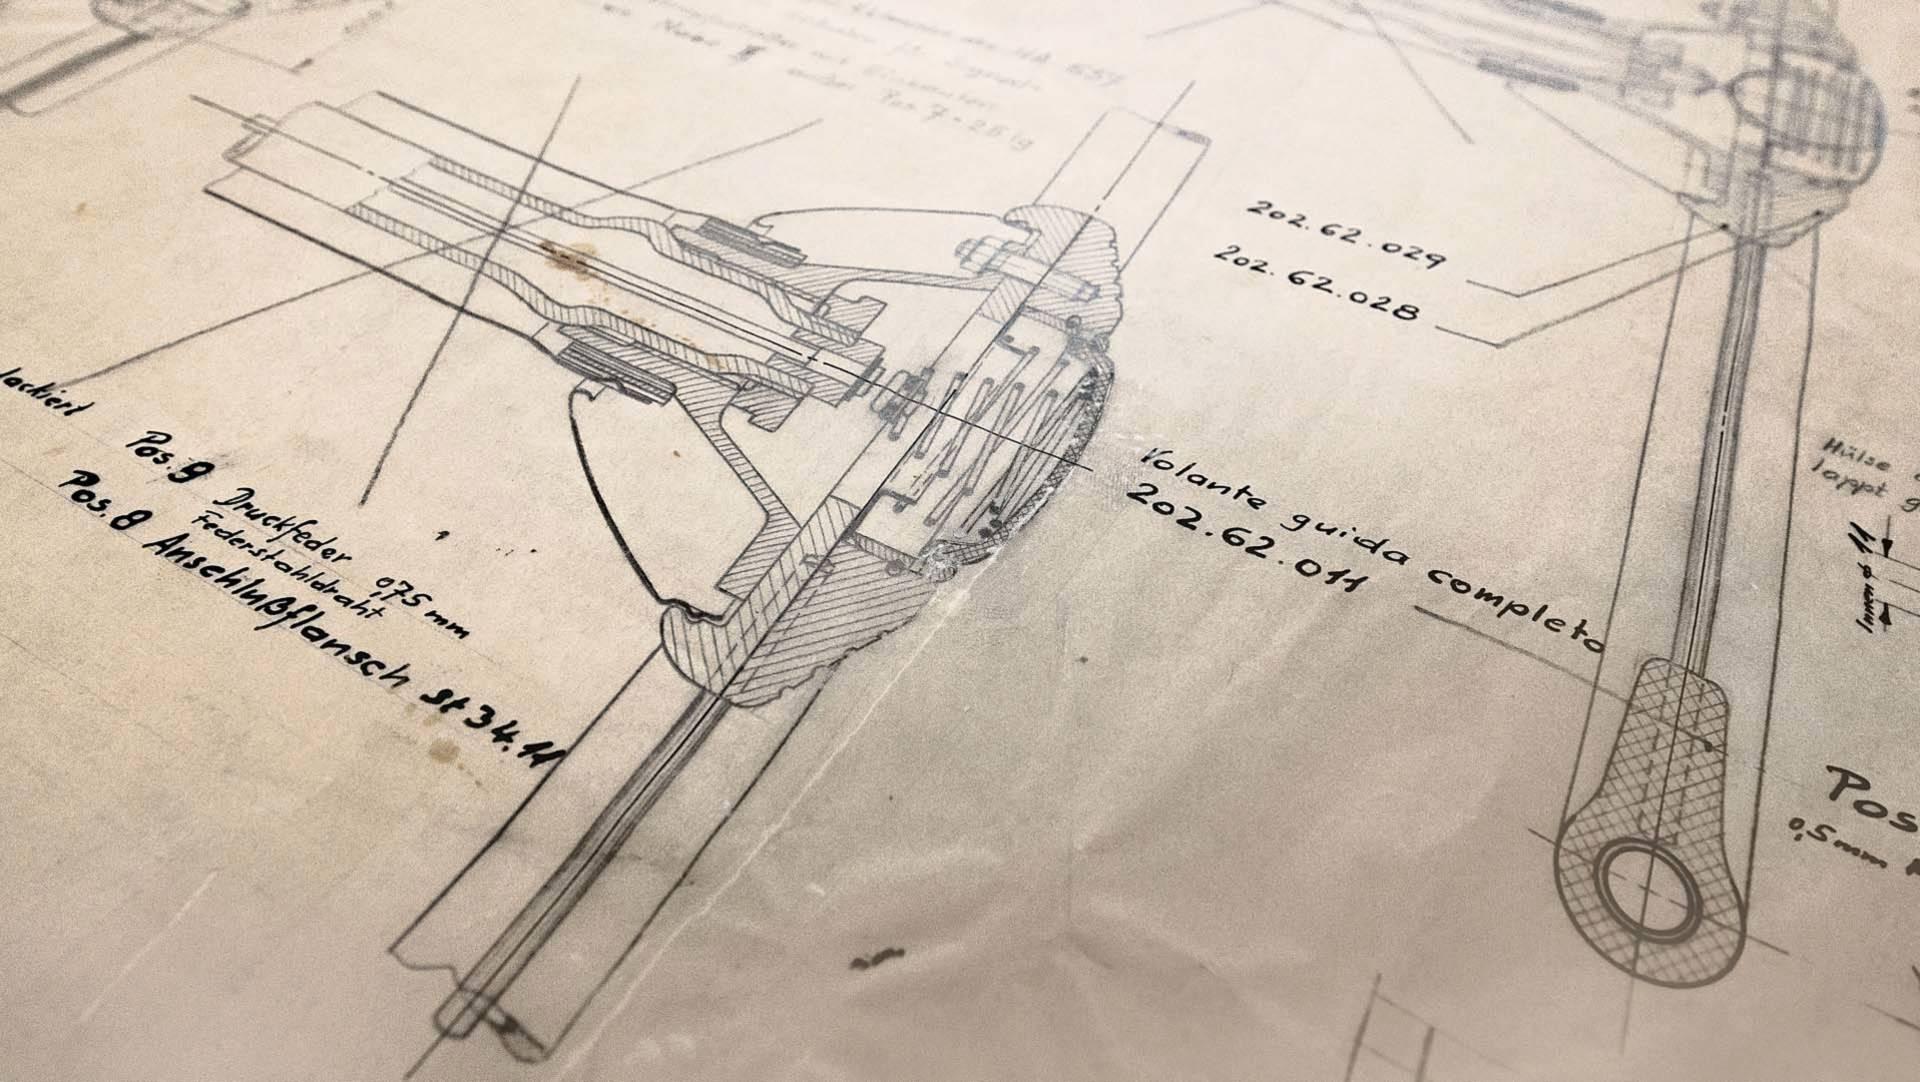 Porsche Design Drawings (9)